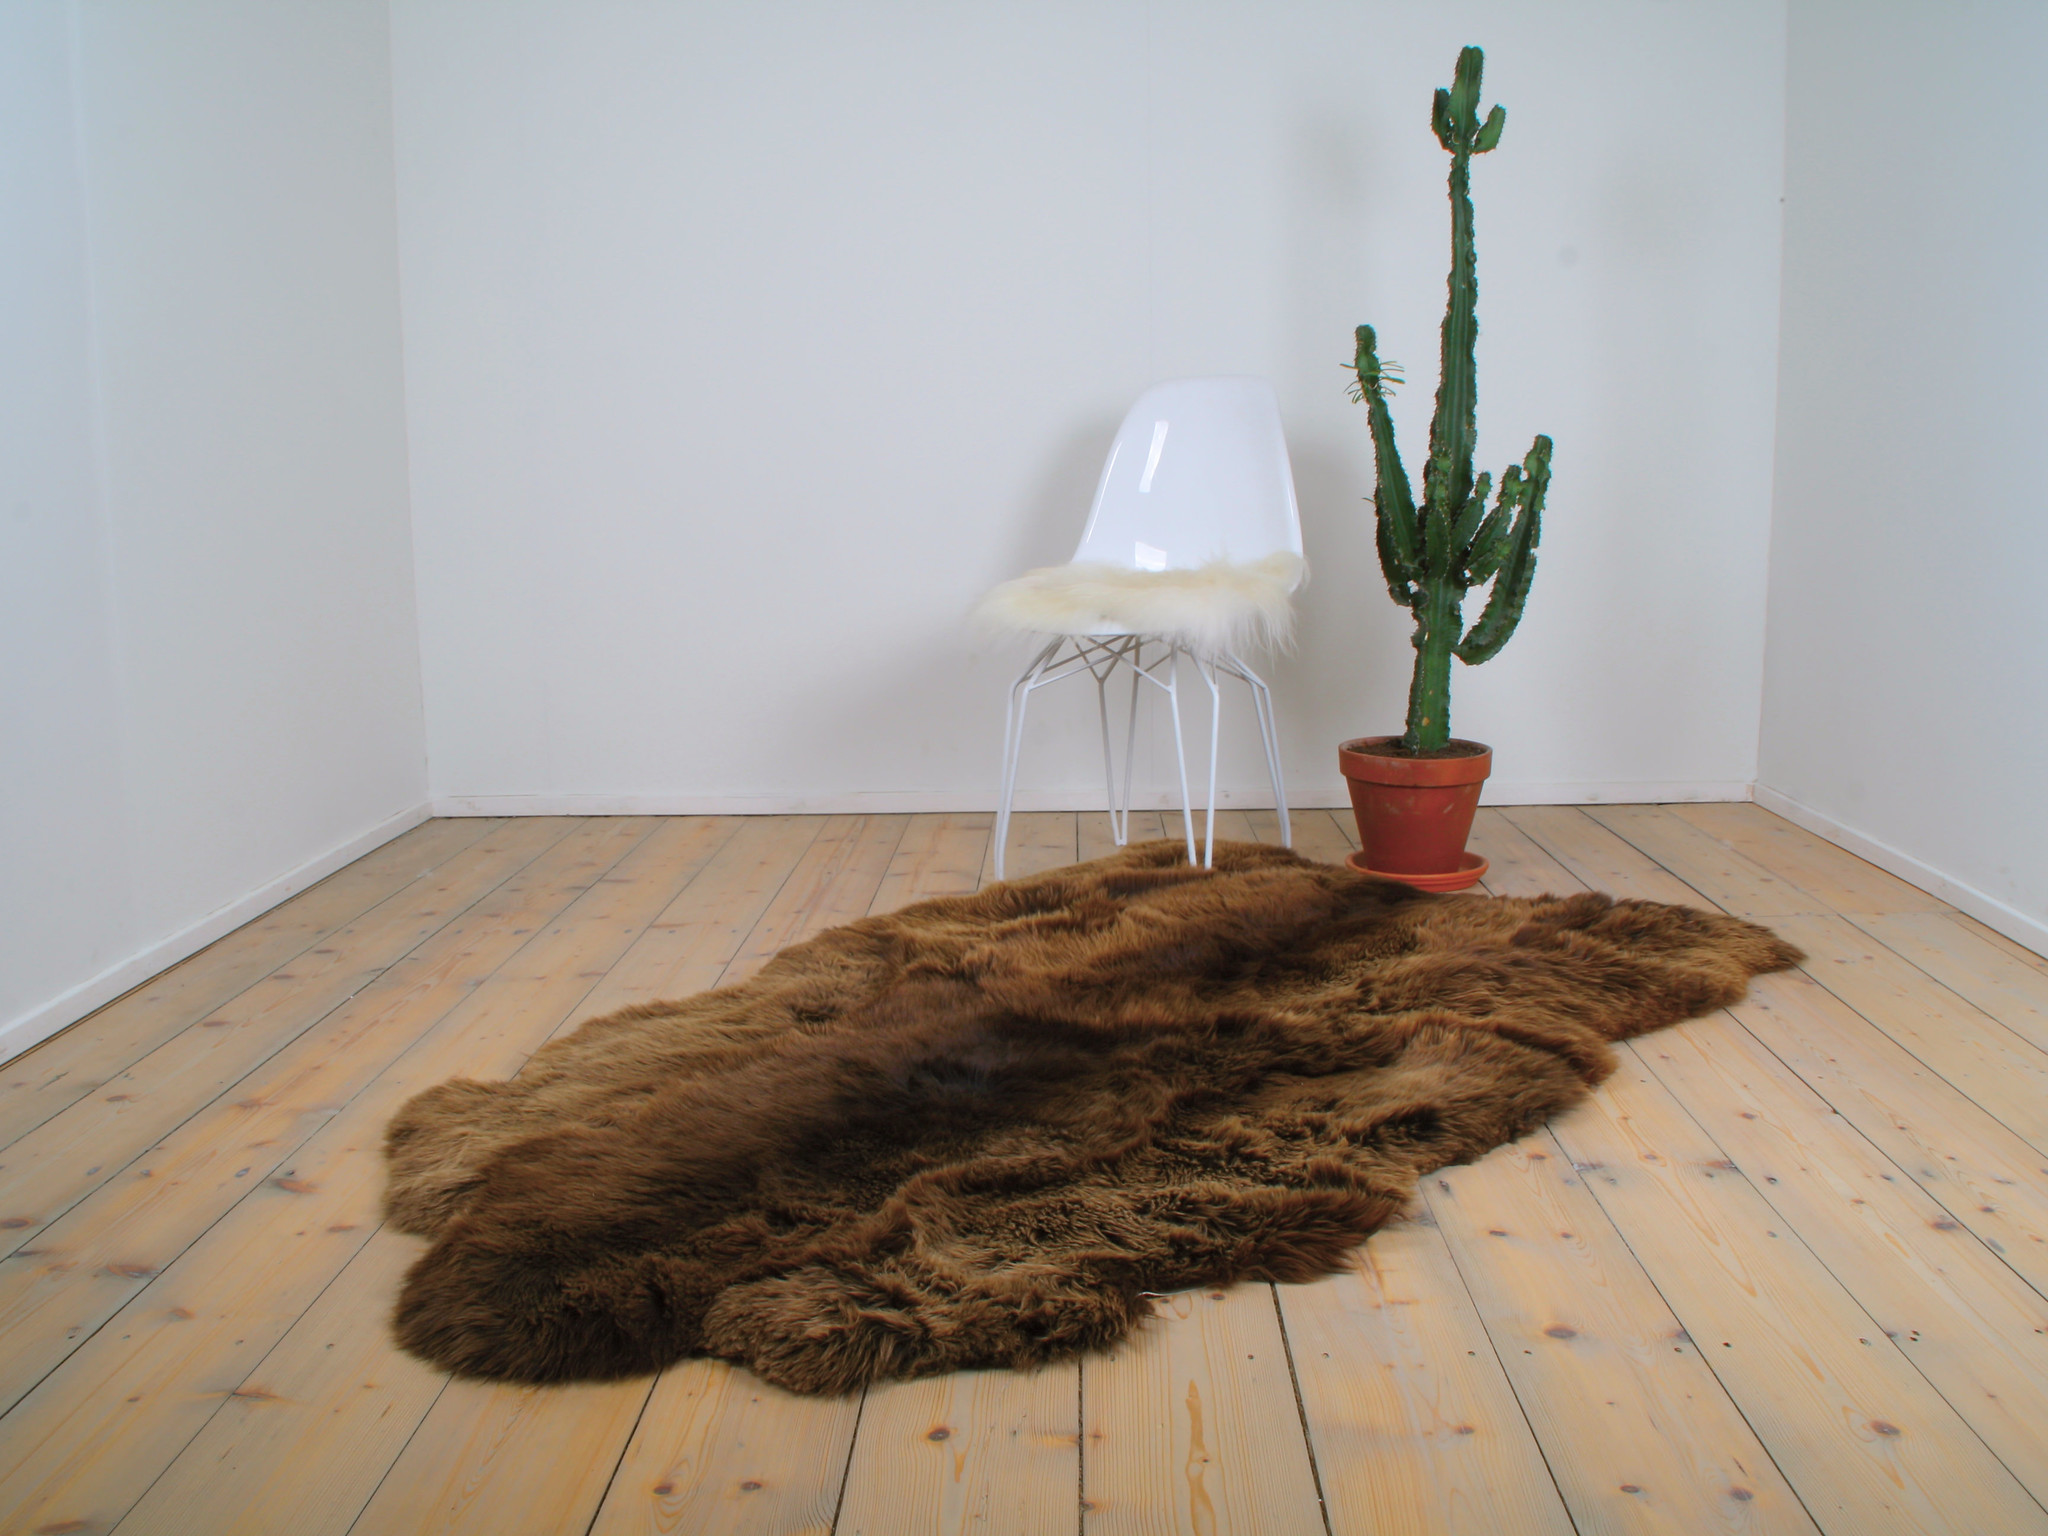 testVan Buren Schapenvacht vloerkleed XXXL - Bruin | 180 x 150 cm